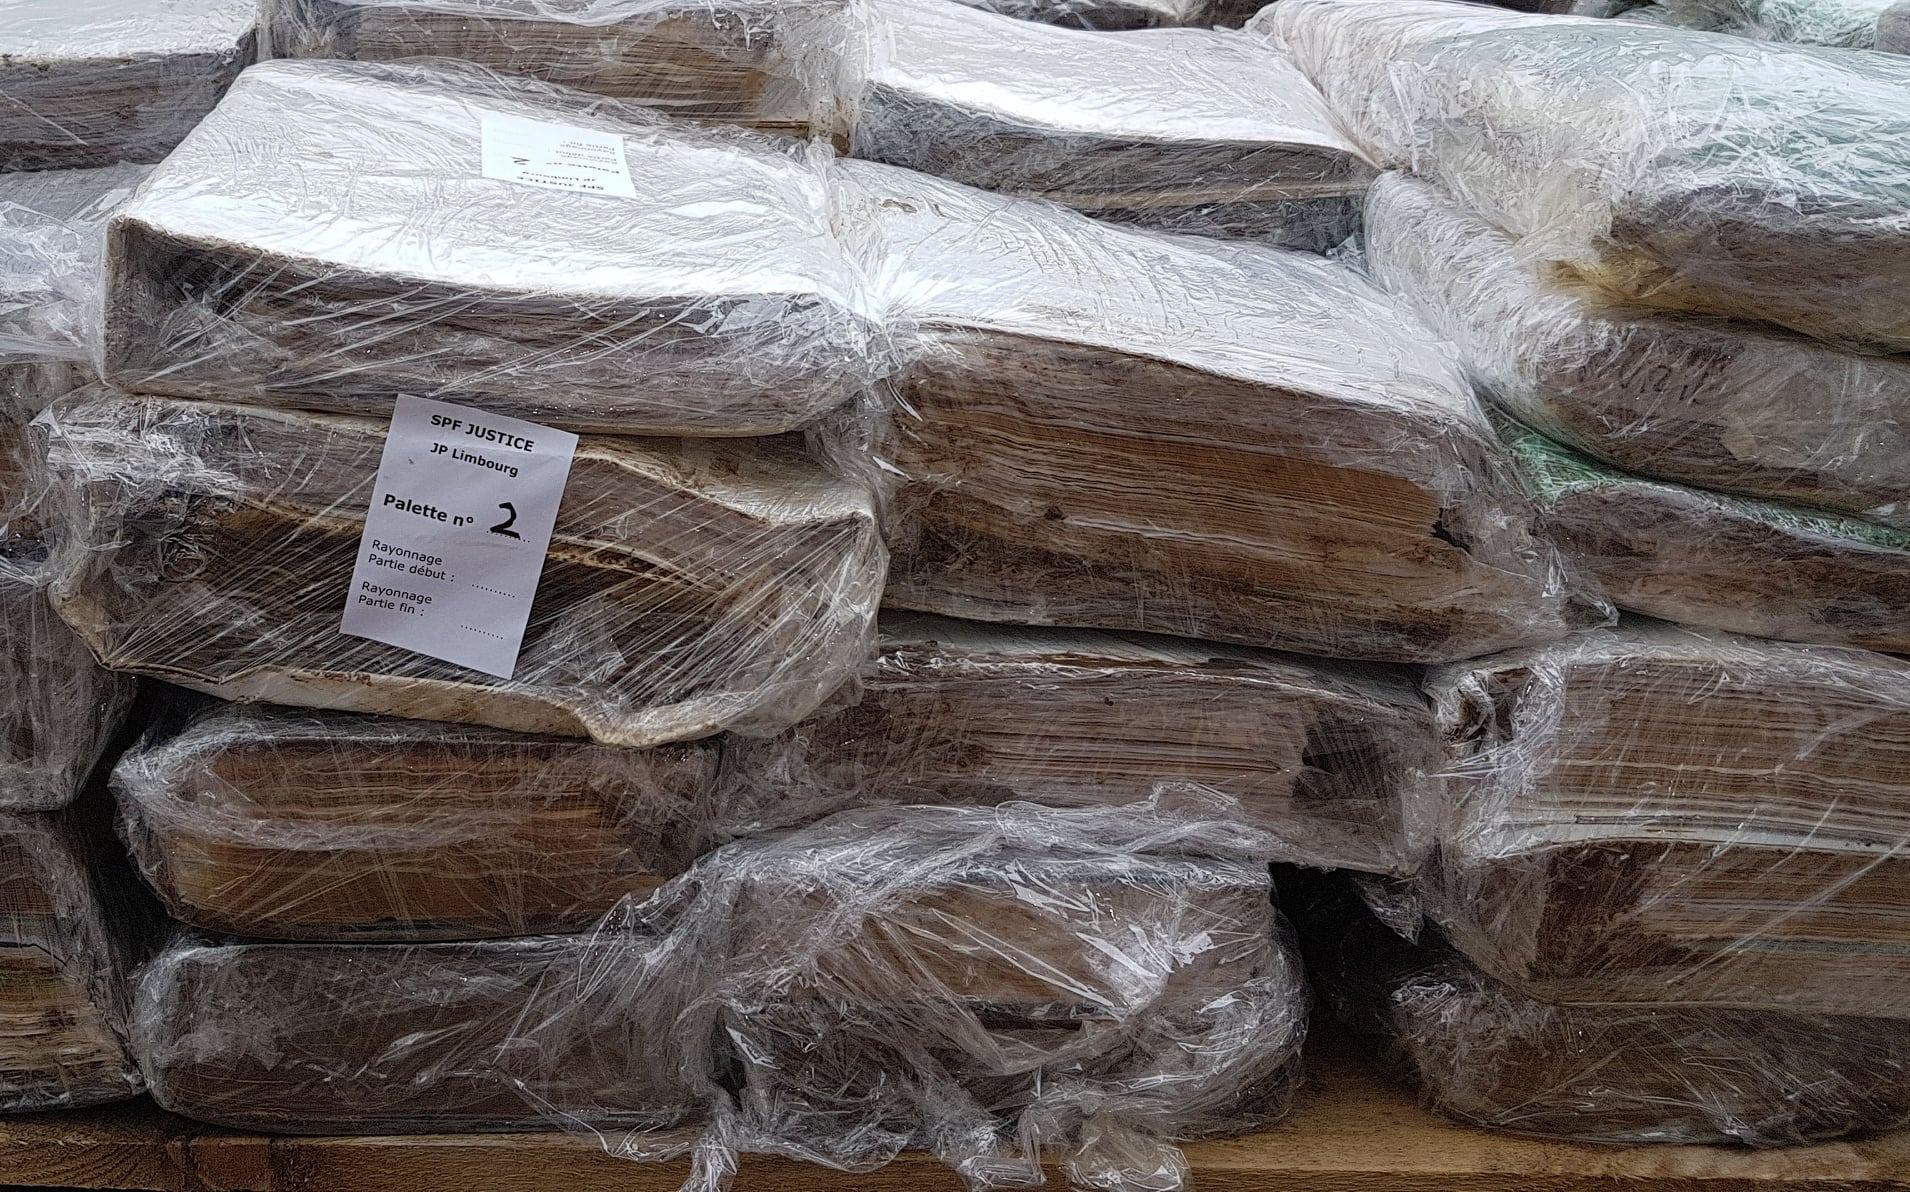 Belgique : des congélateurs industriels et de séchage naturel pour les archives dégradées par les inondations